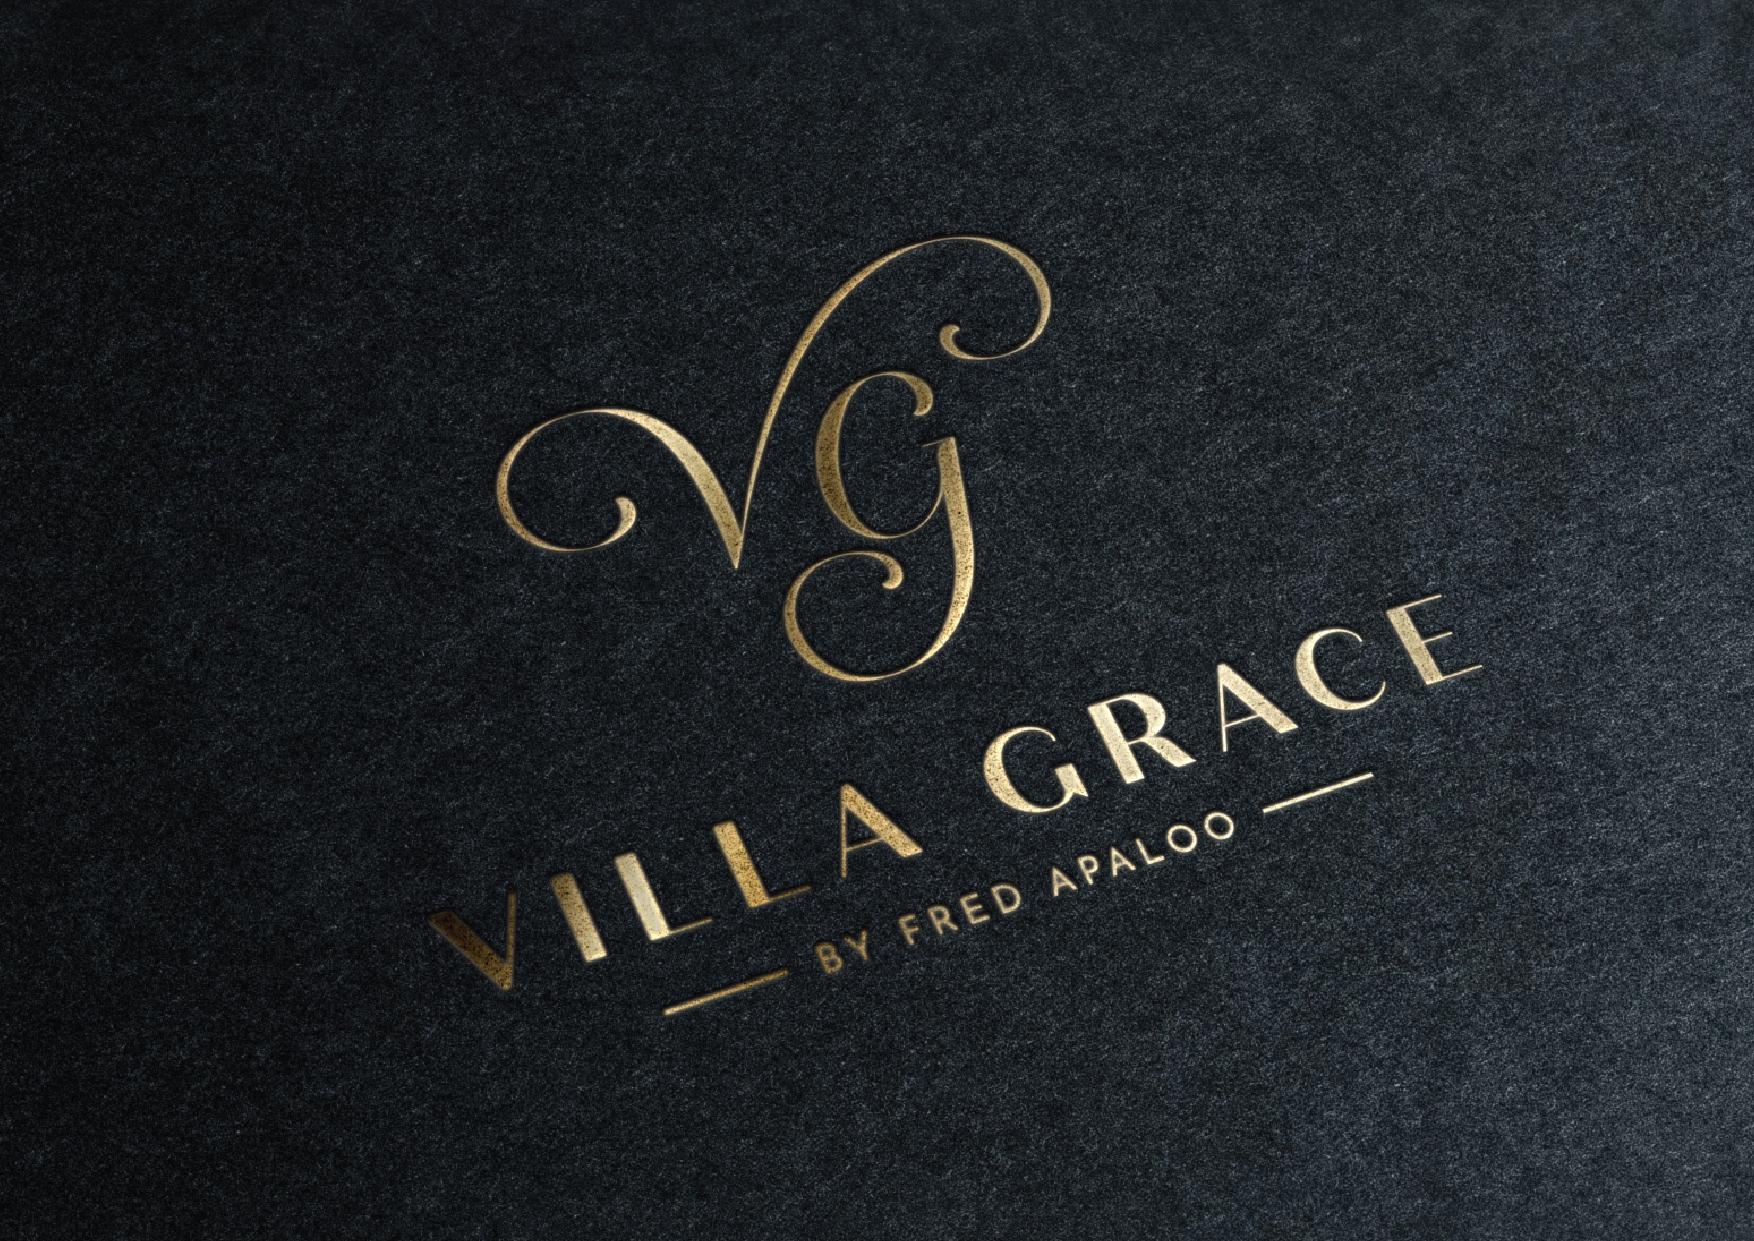 villagrace-branding-1-08